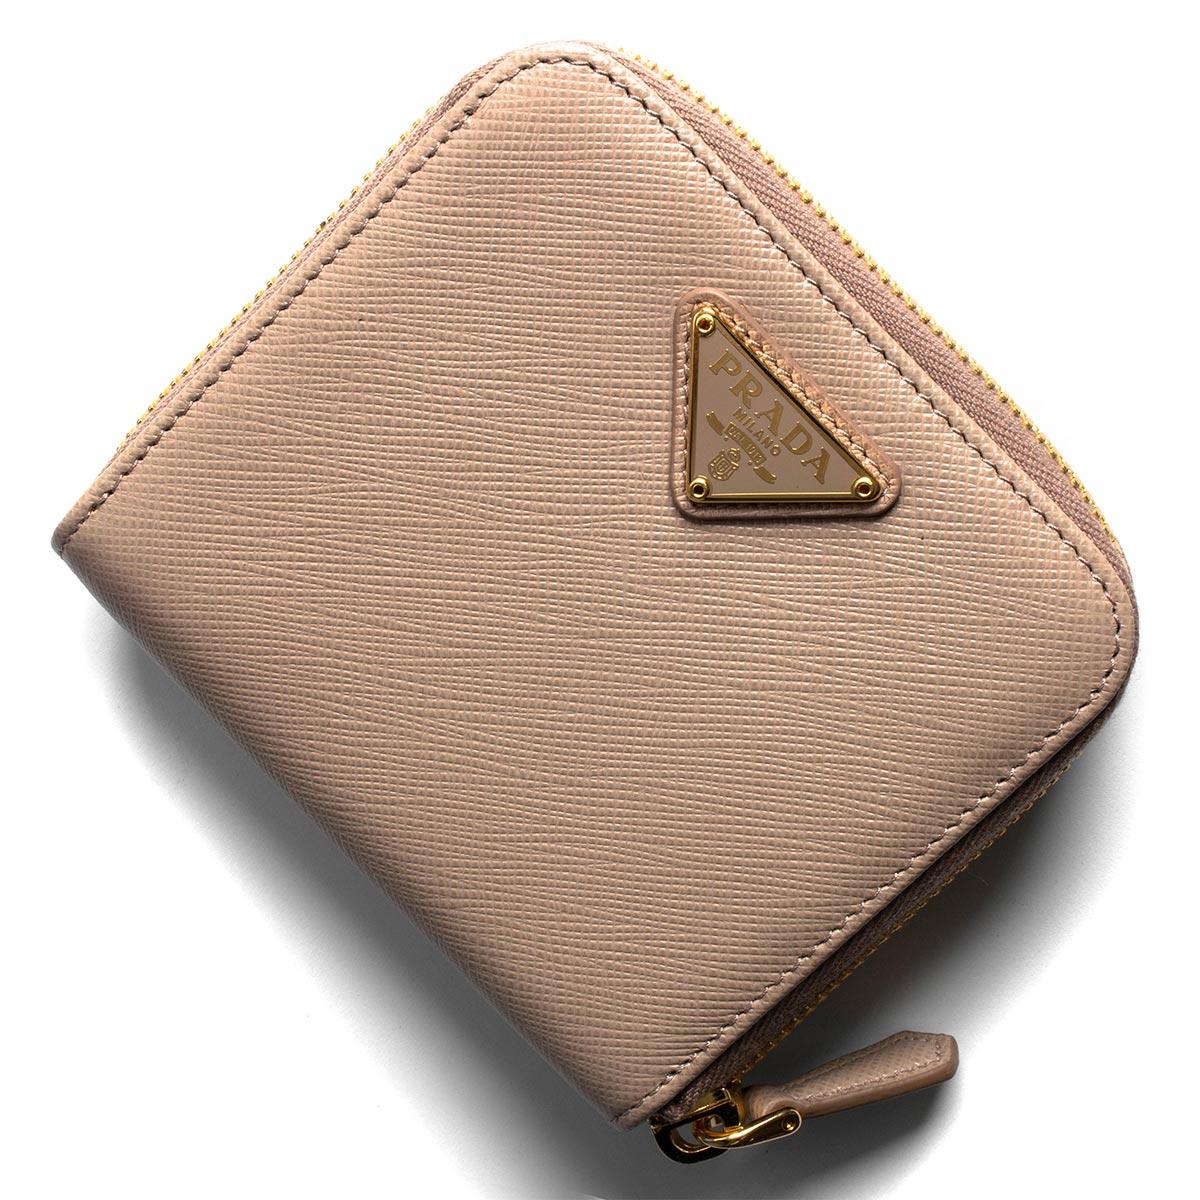 3a5e26d008d0 プラダ 二つ折り財布 財布 レディース サフィアーノ トライアングル 三角ロゴプレート チプリアピンクページュ 1ML522 QHH F0236  PRADA